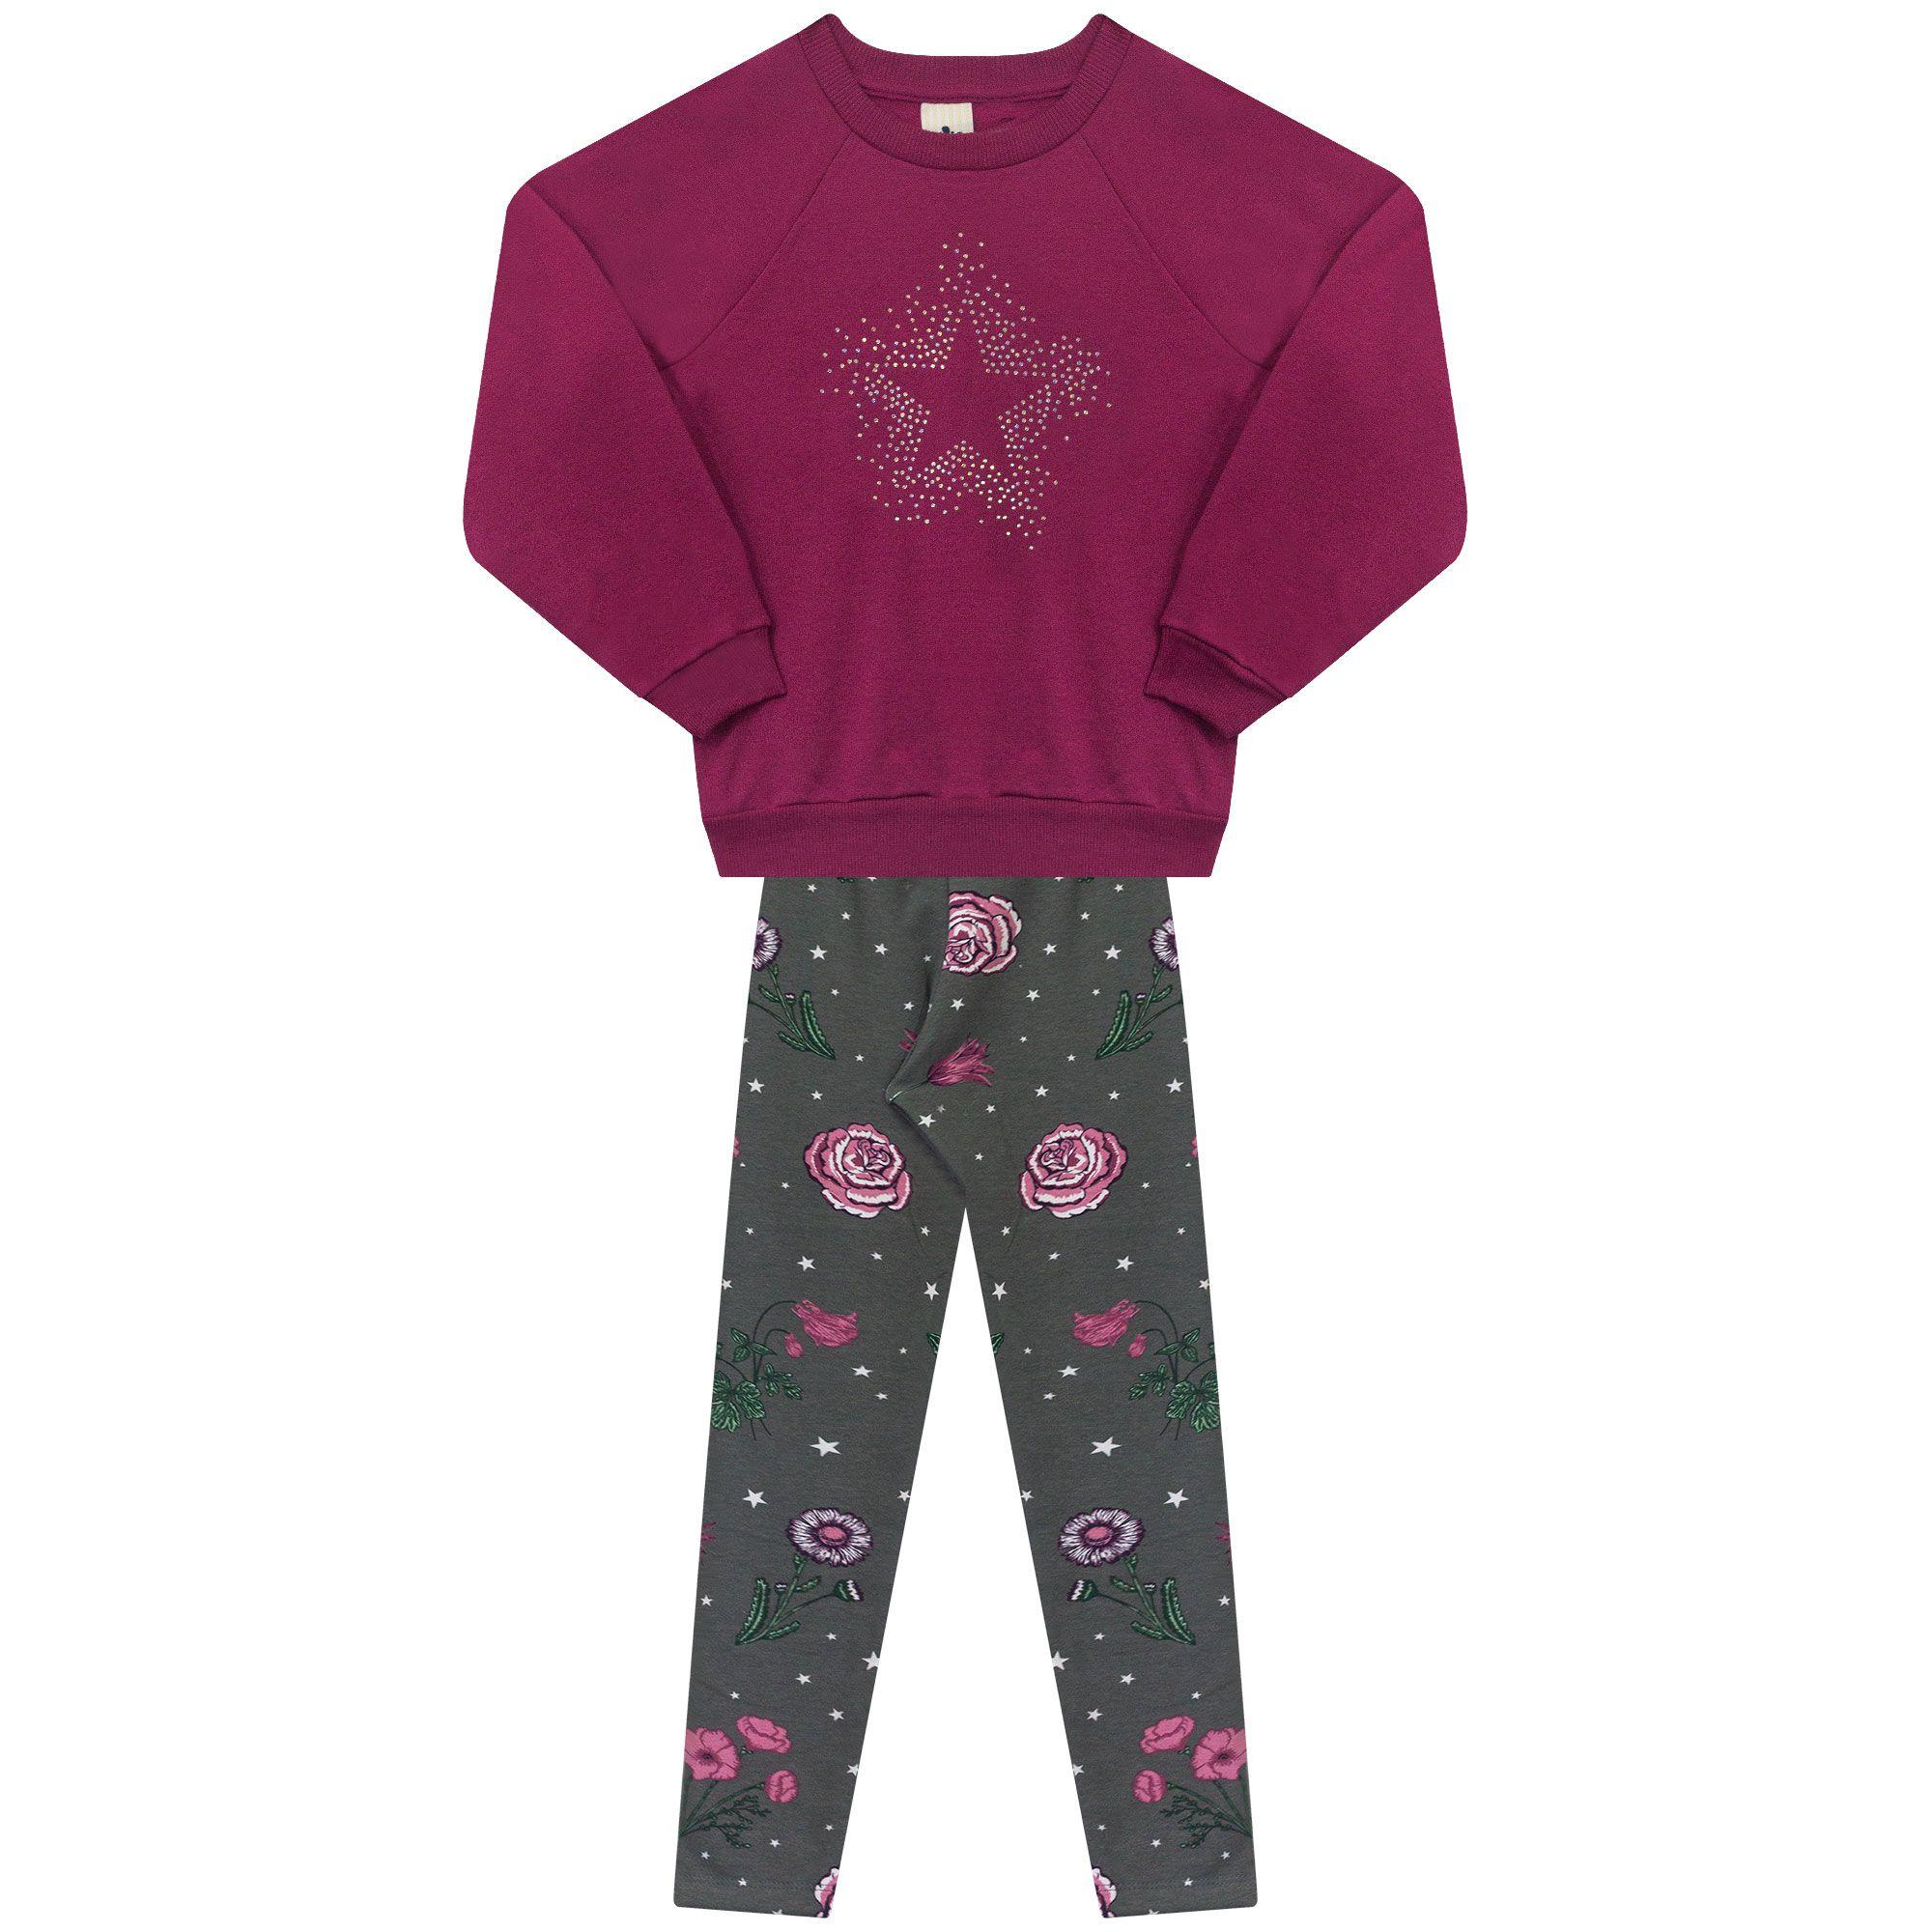 Conjunto Infantil Casaco e Legging em Molecotton - Ref 4990 - Audácia/E20